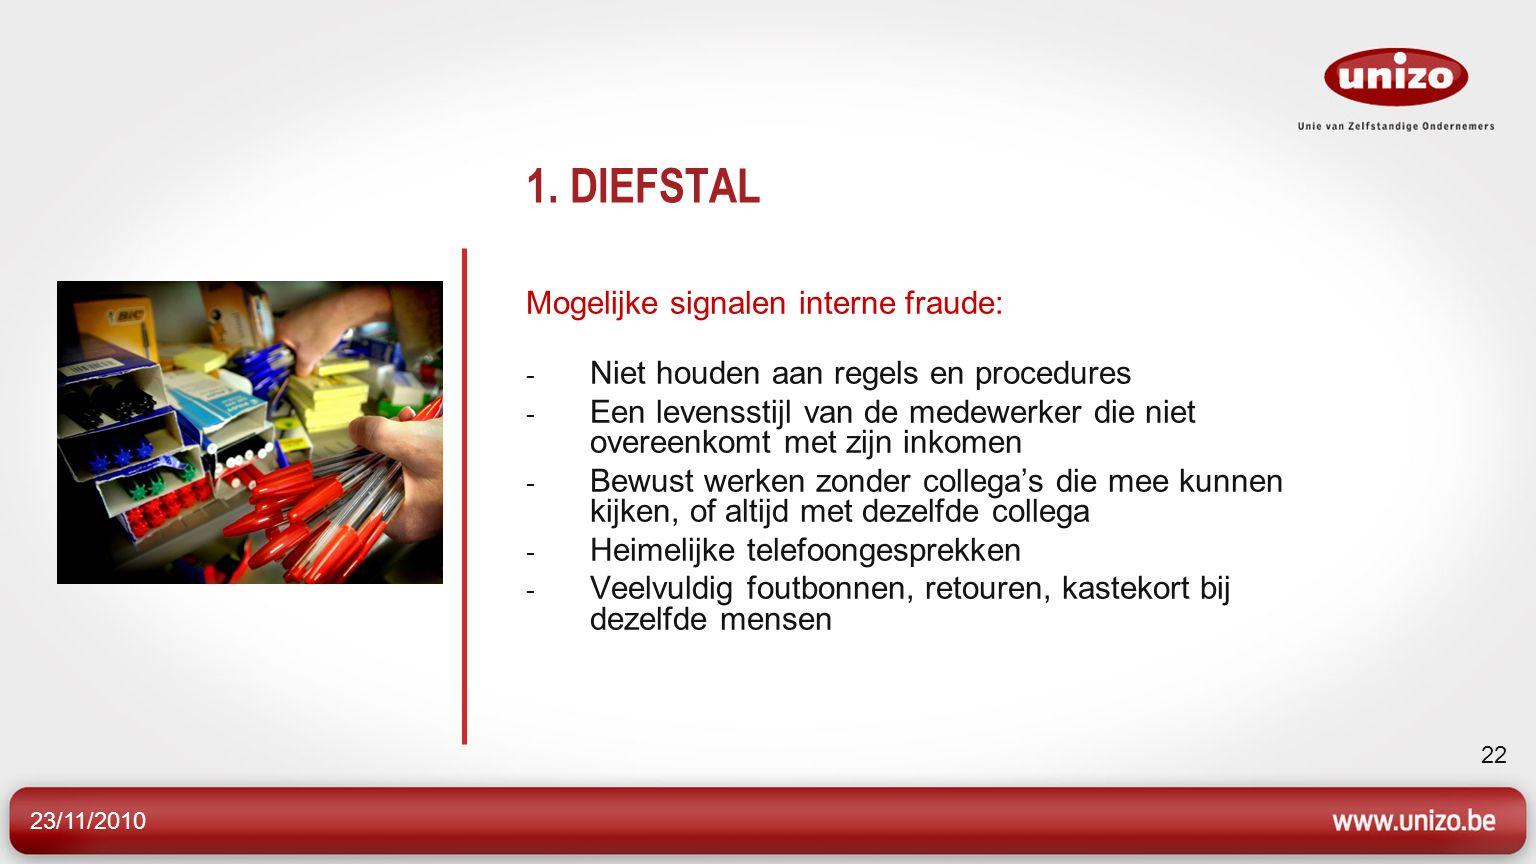 23/11/2010 22 1. DIEFSTAL Mogelijke signalen interne fraude: - Niet houden aan regels en procedures - Een levensstijl van de medewerker die niet overe